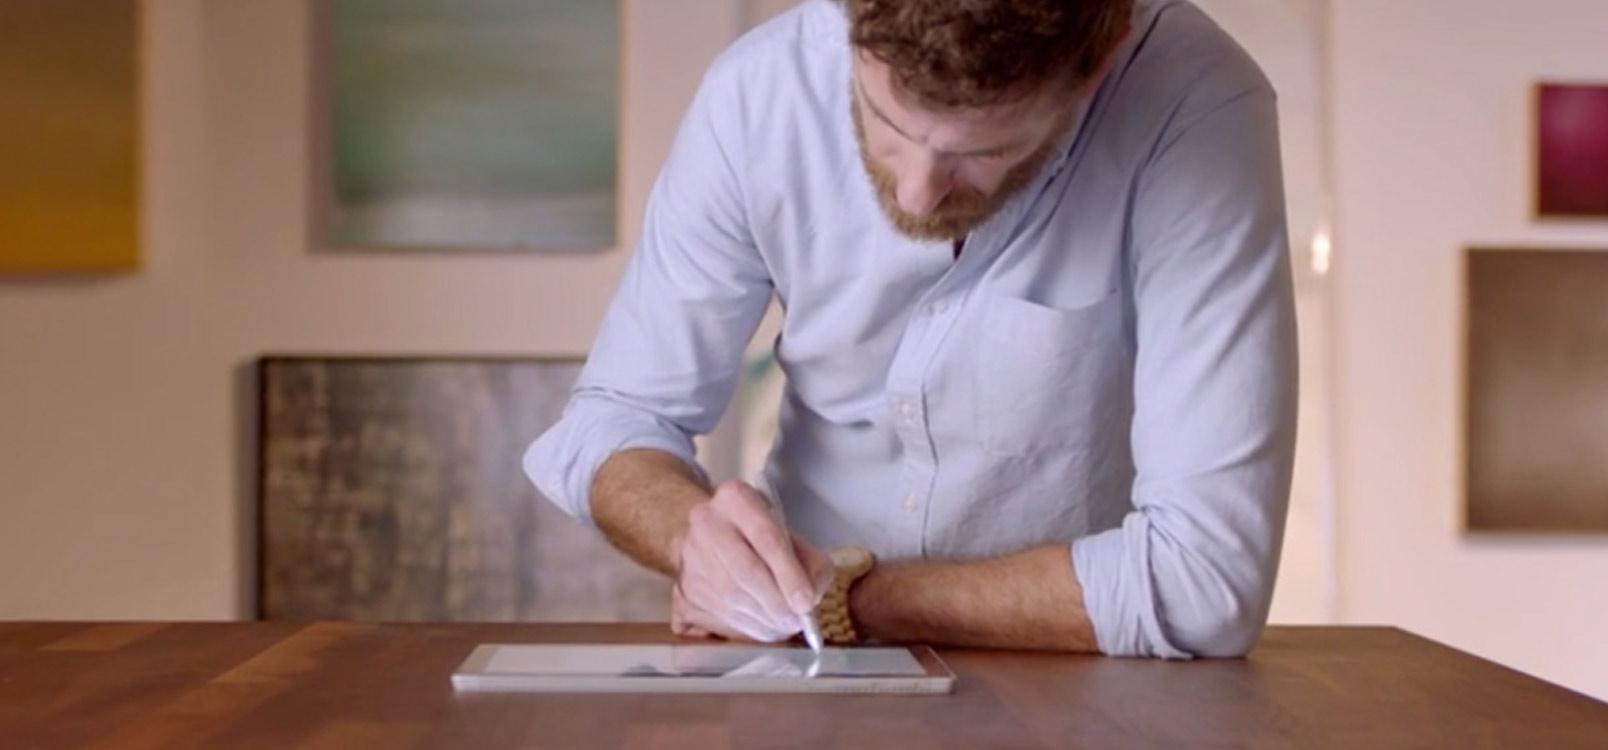 Twee mensen bekijken het scherm van een telefoon, meer informatie over samenwerken met anderen in Office